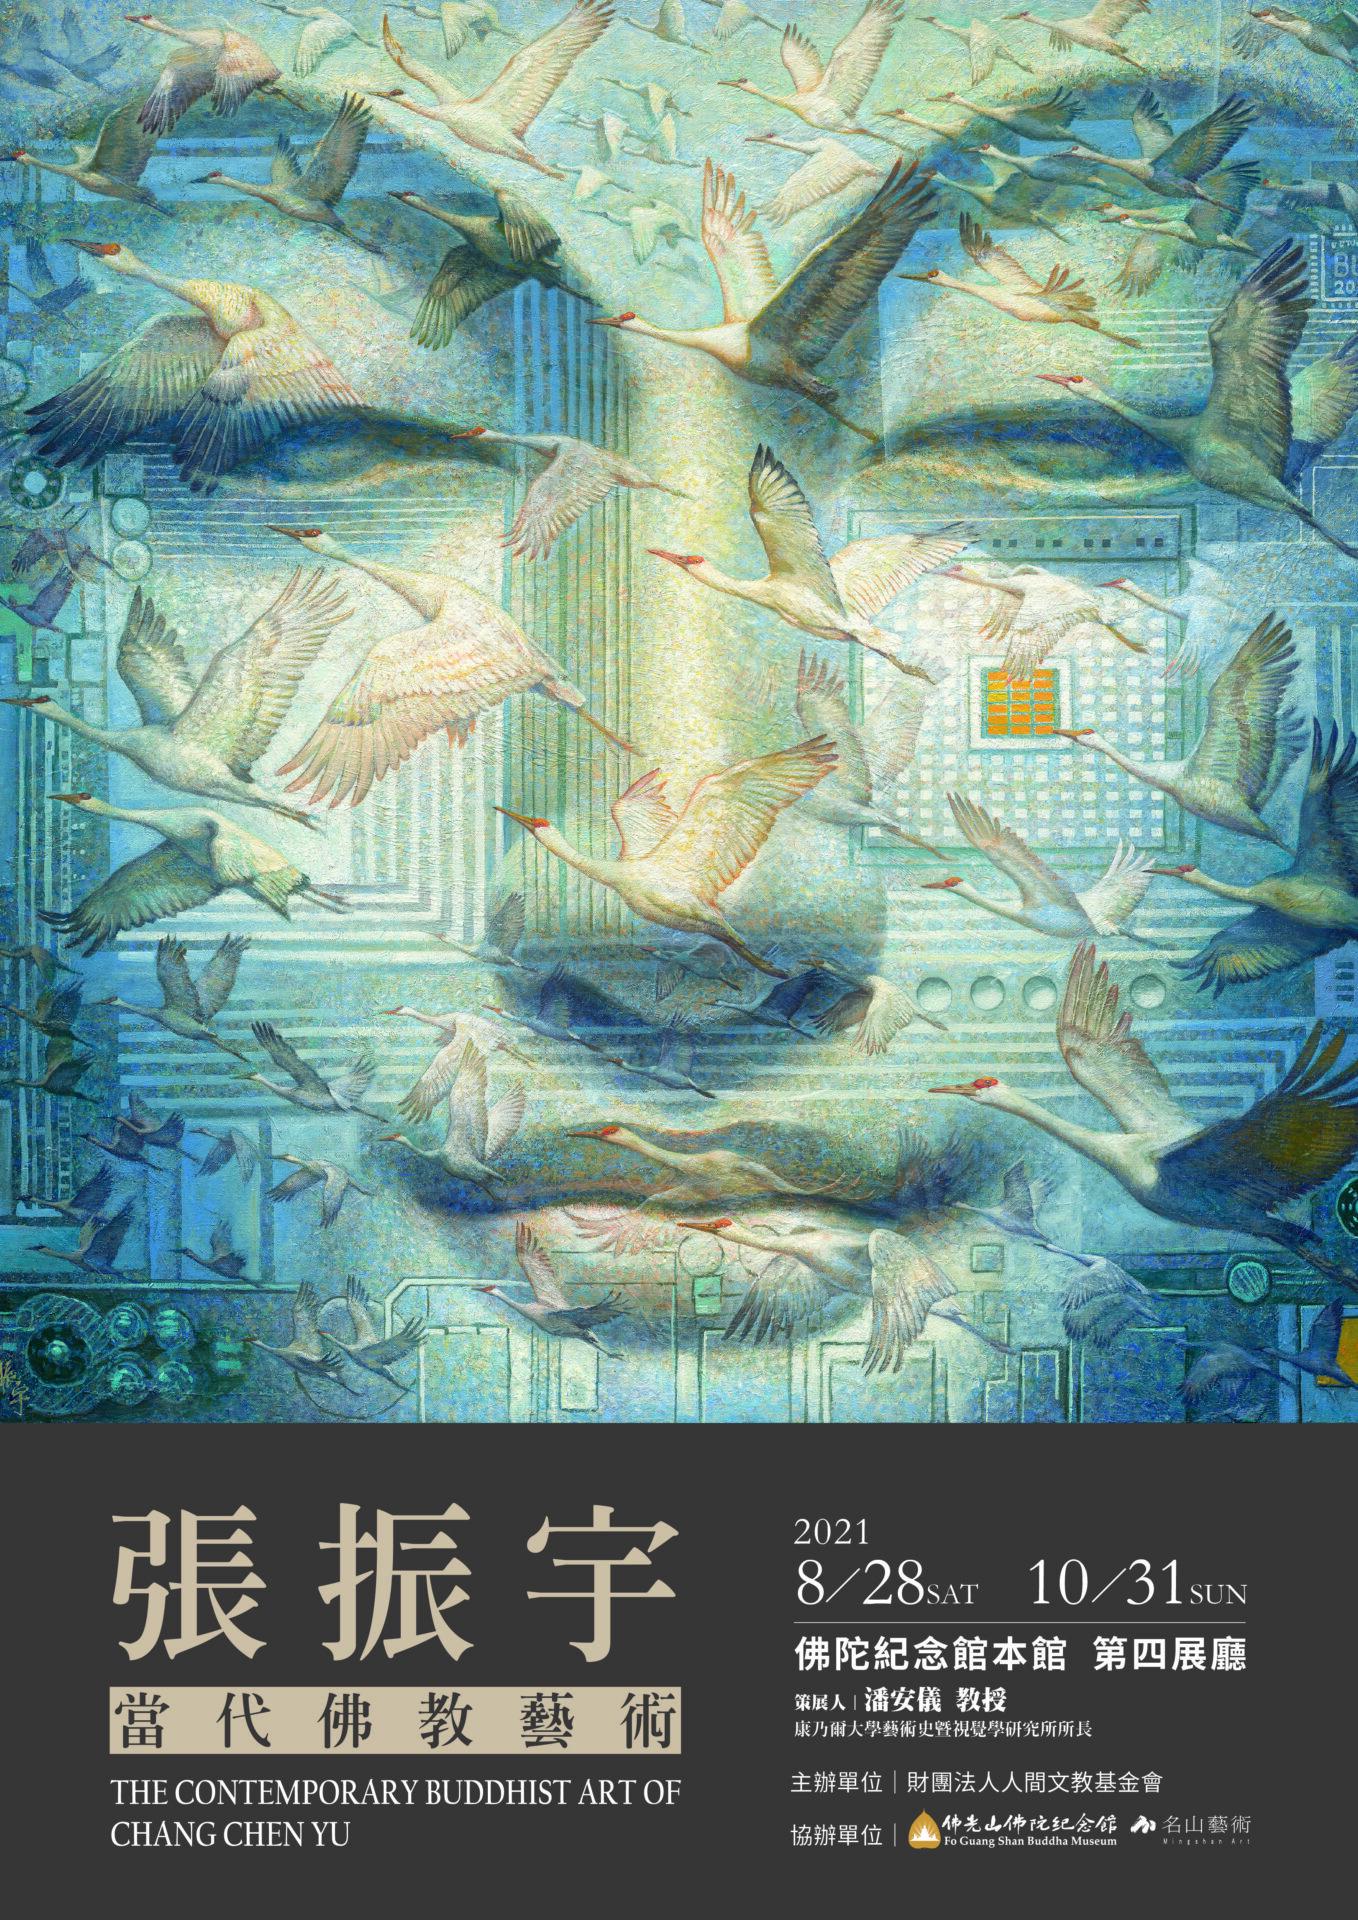 佛光山佛陀紀念館:8/28-10/31【張振宇:當代佛教藝術】